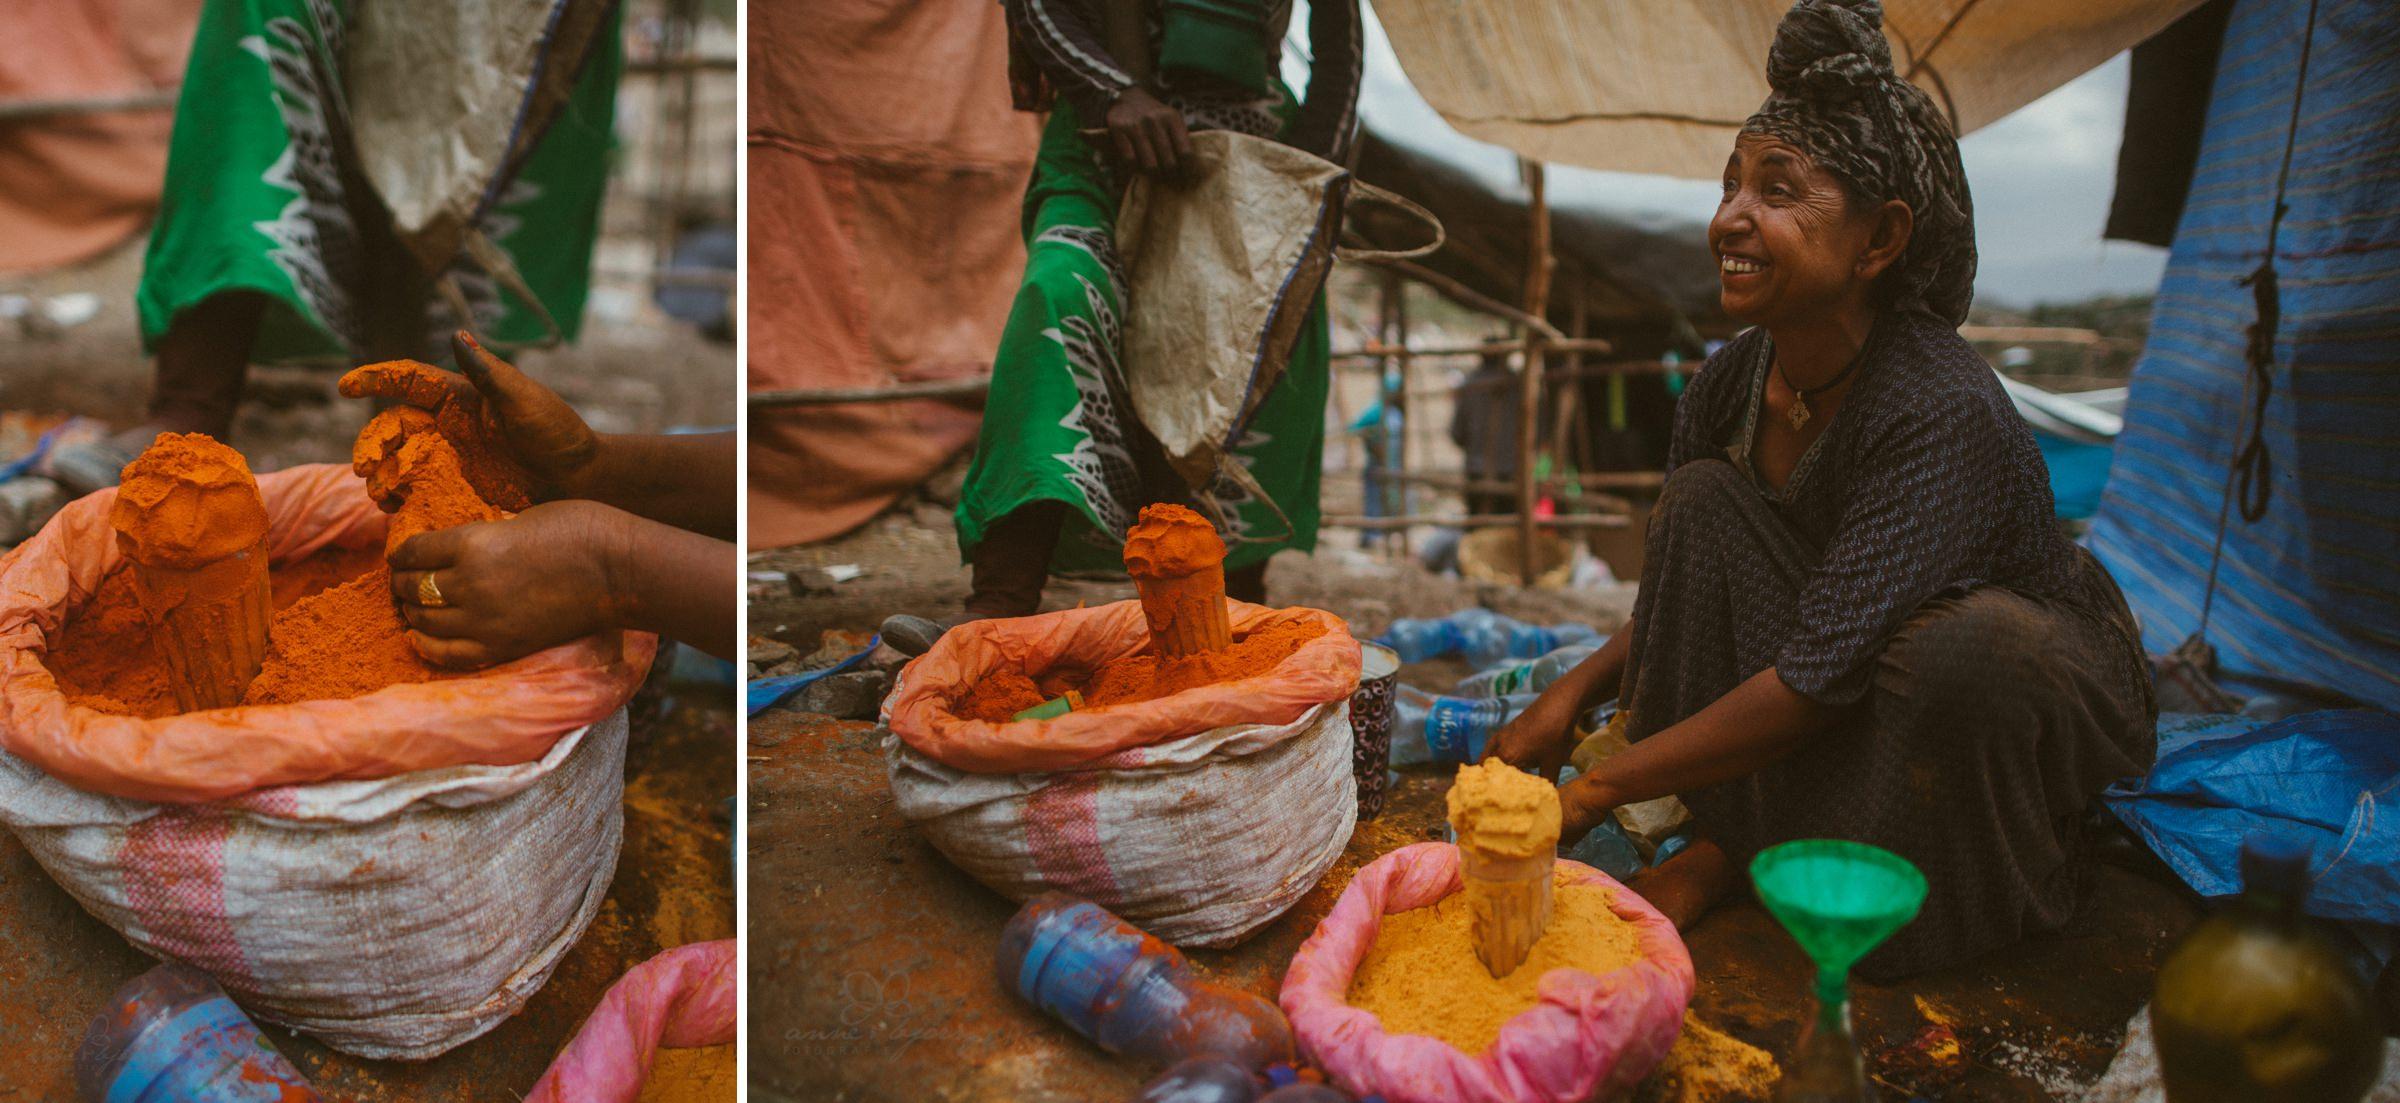 Gewürze, Markt, Äthiopien, verkaufen, Paprika, orange